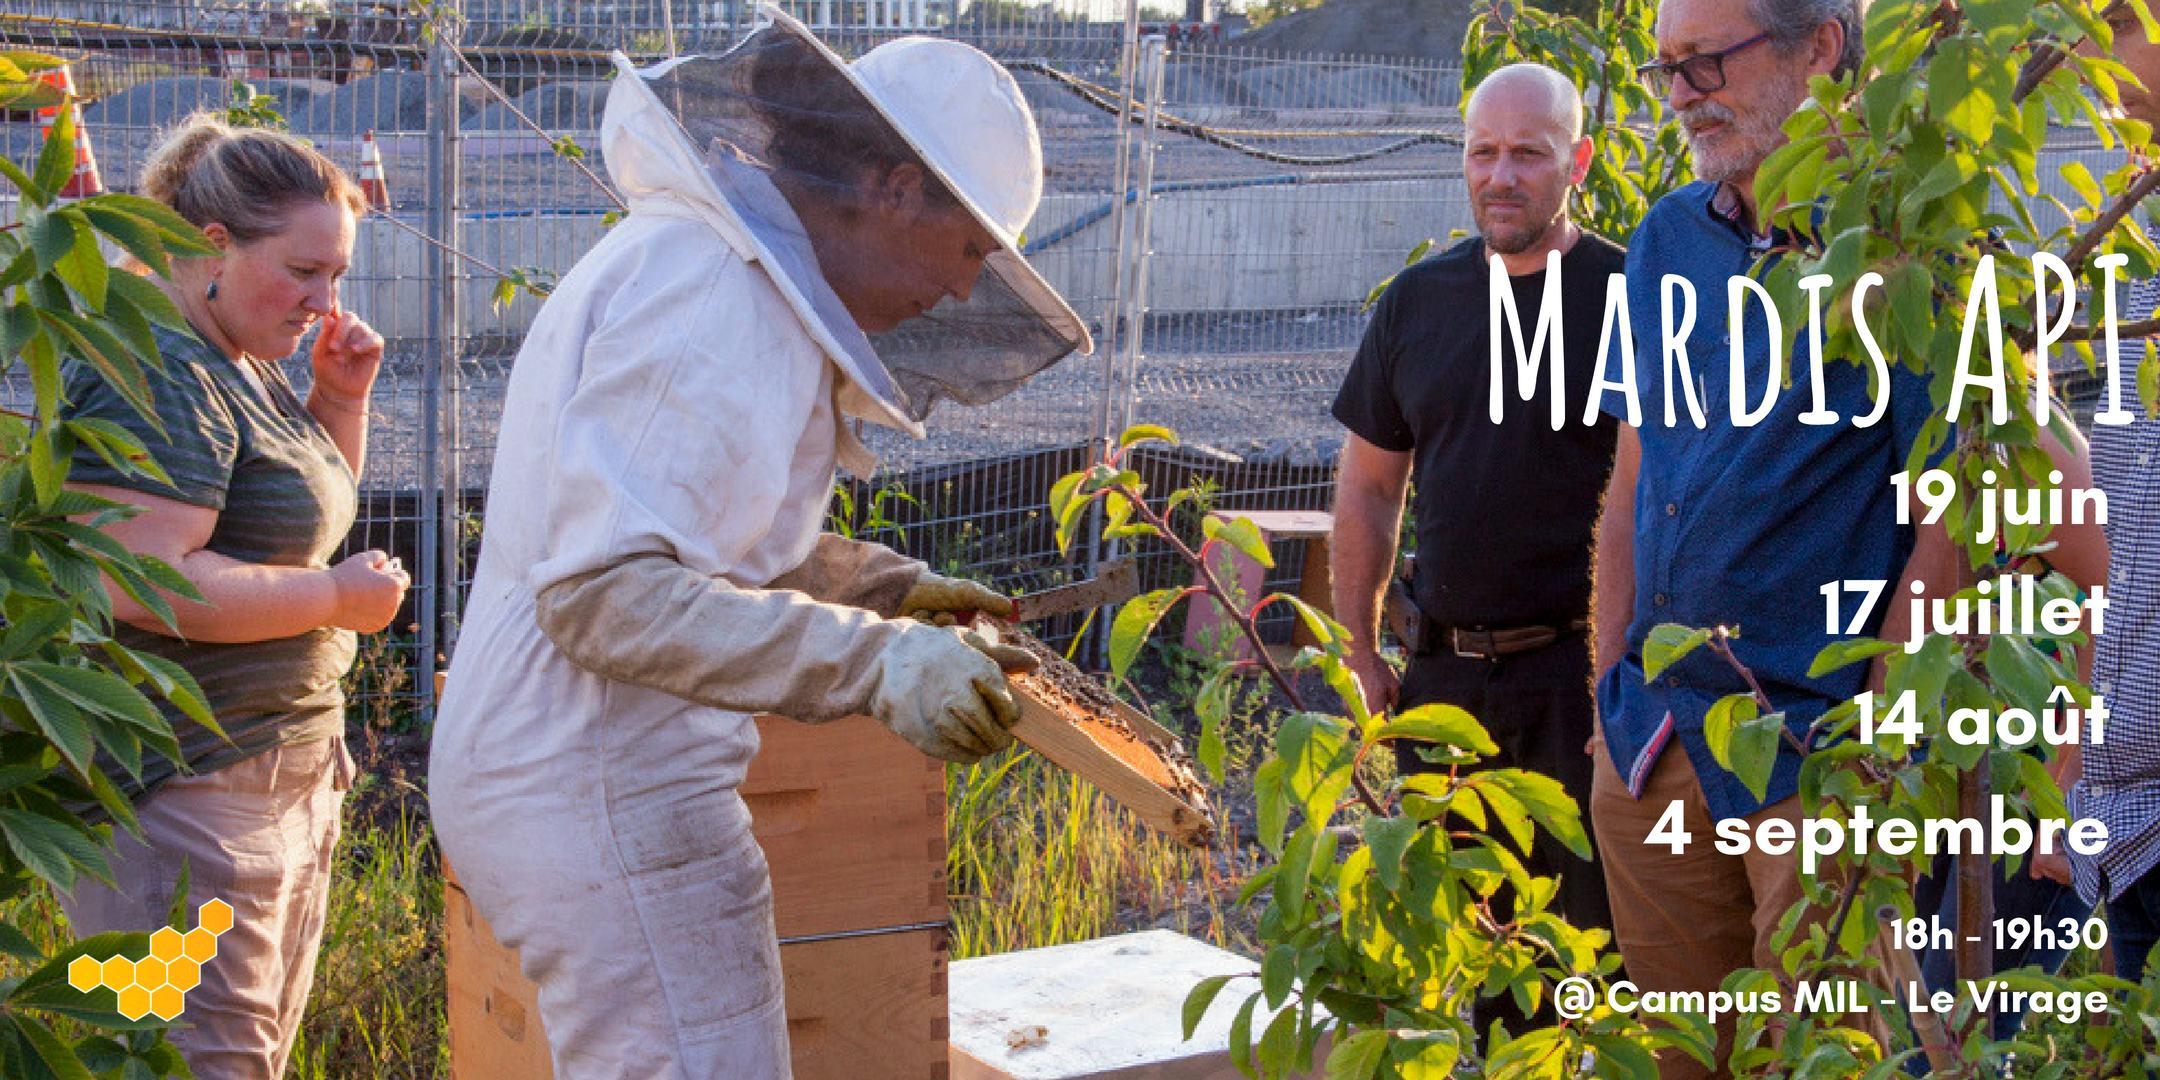 Ateliers, apiculture, découvrir les abeilles, les ruches, mardis Api, calendrier événements, formation